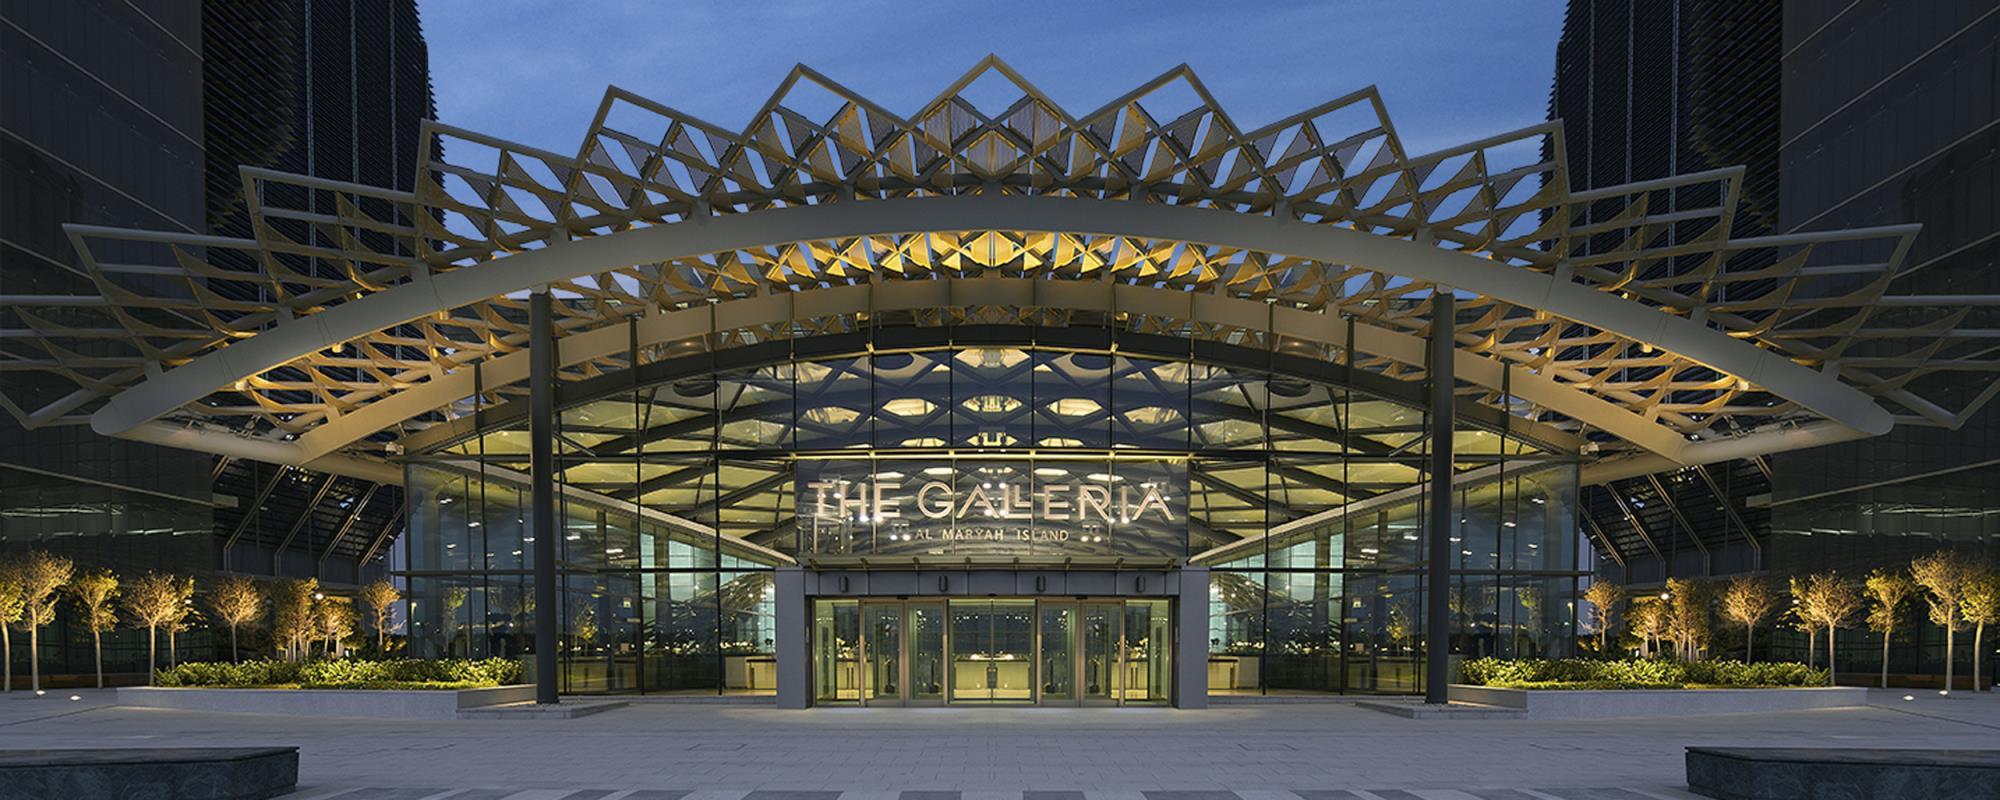 The Galleria Visitabudhabi Ae